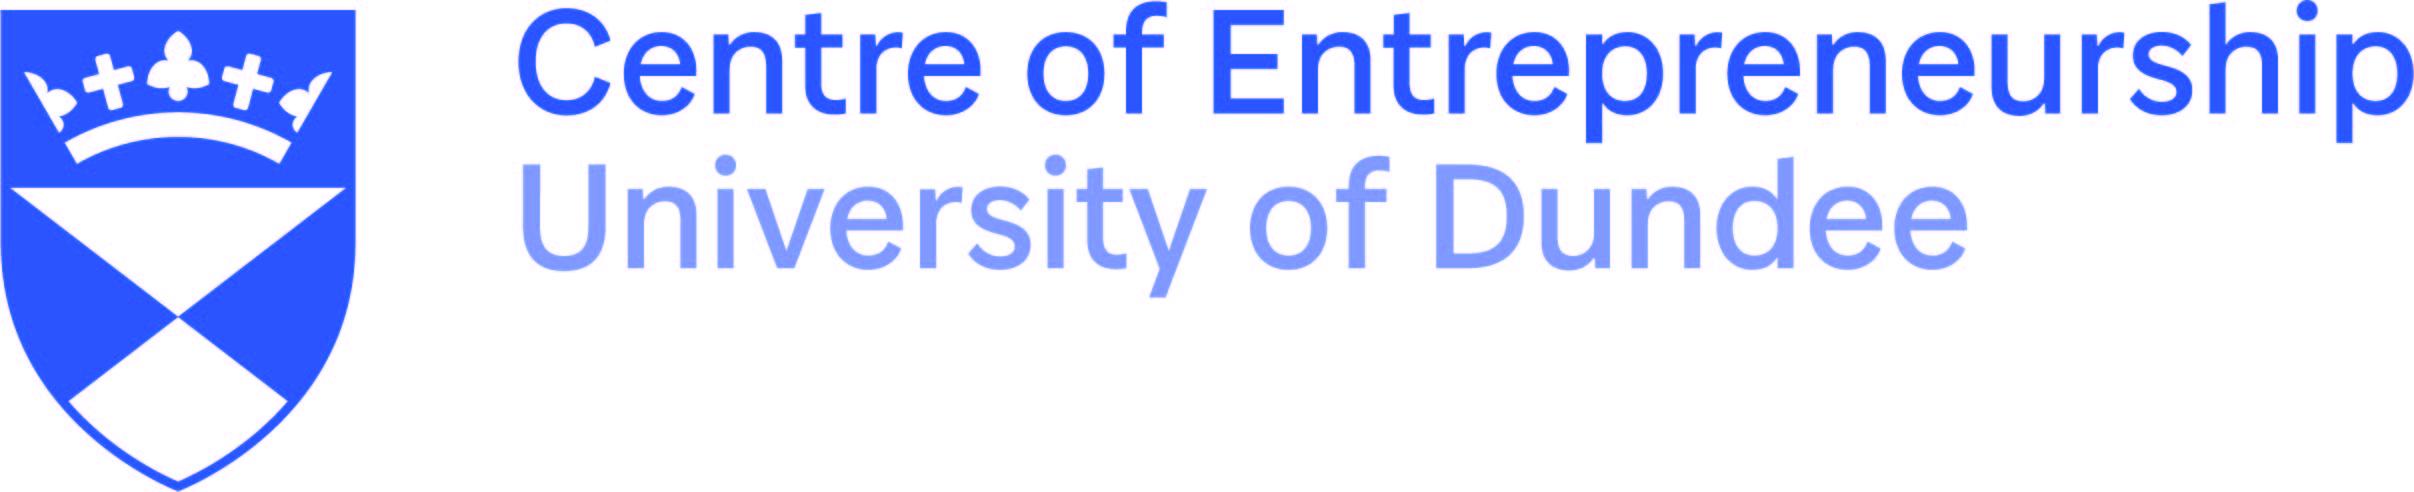 University of Dundee, Centre of Entrepreneurship Logo